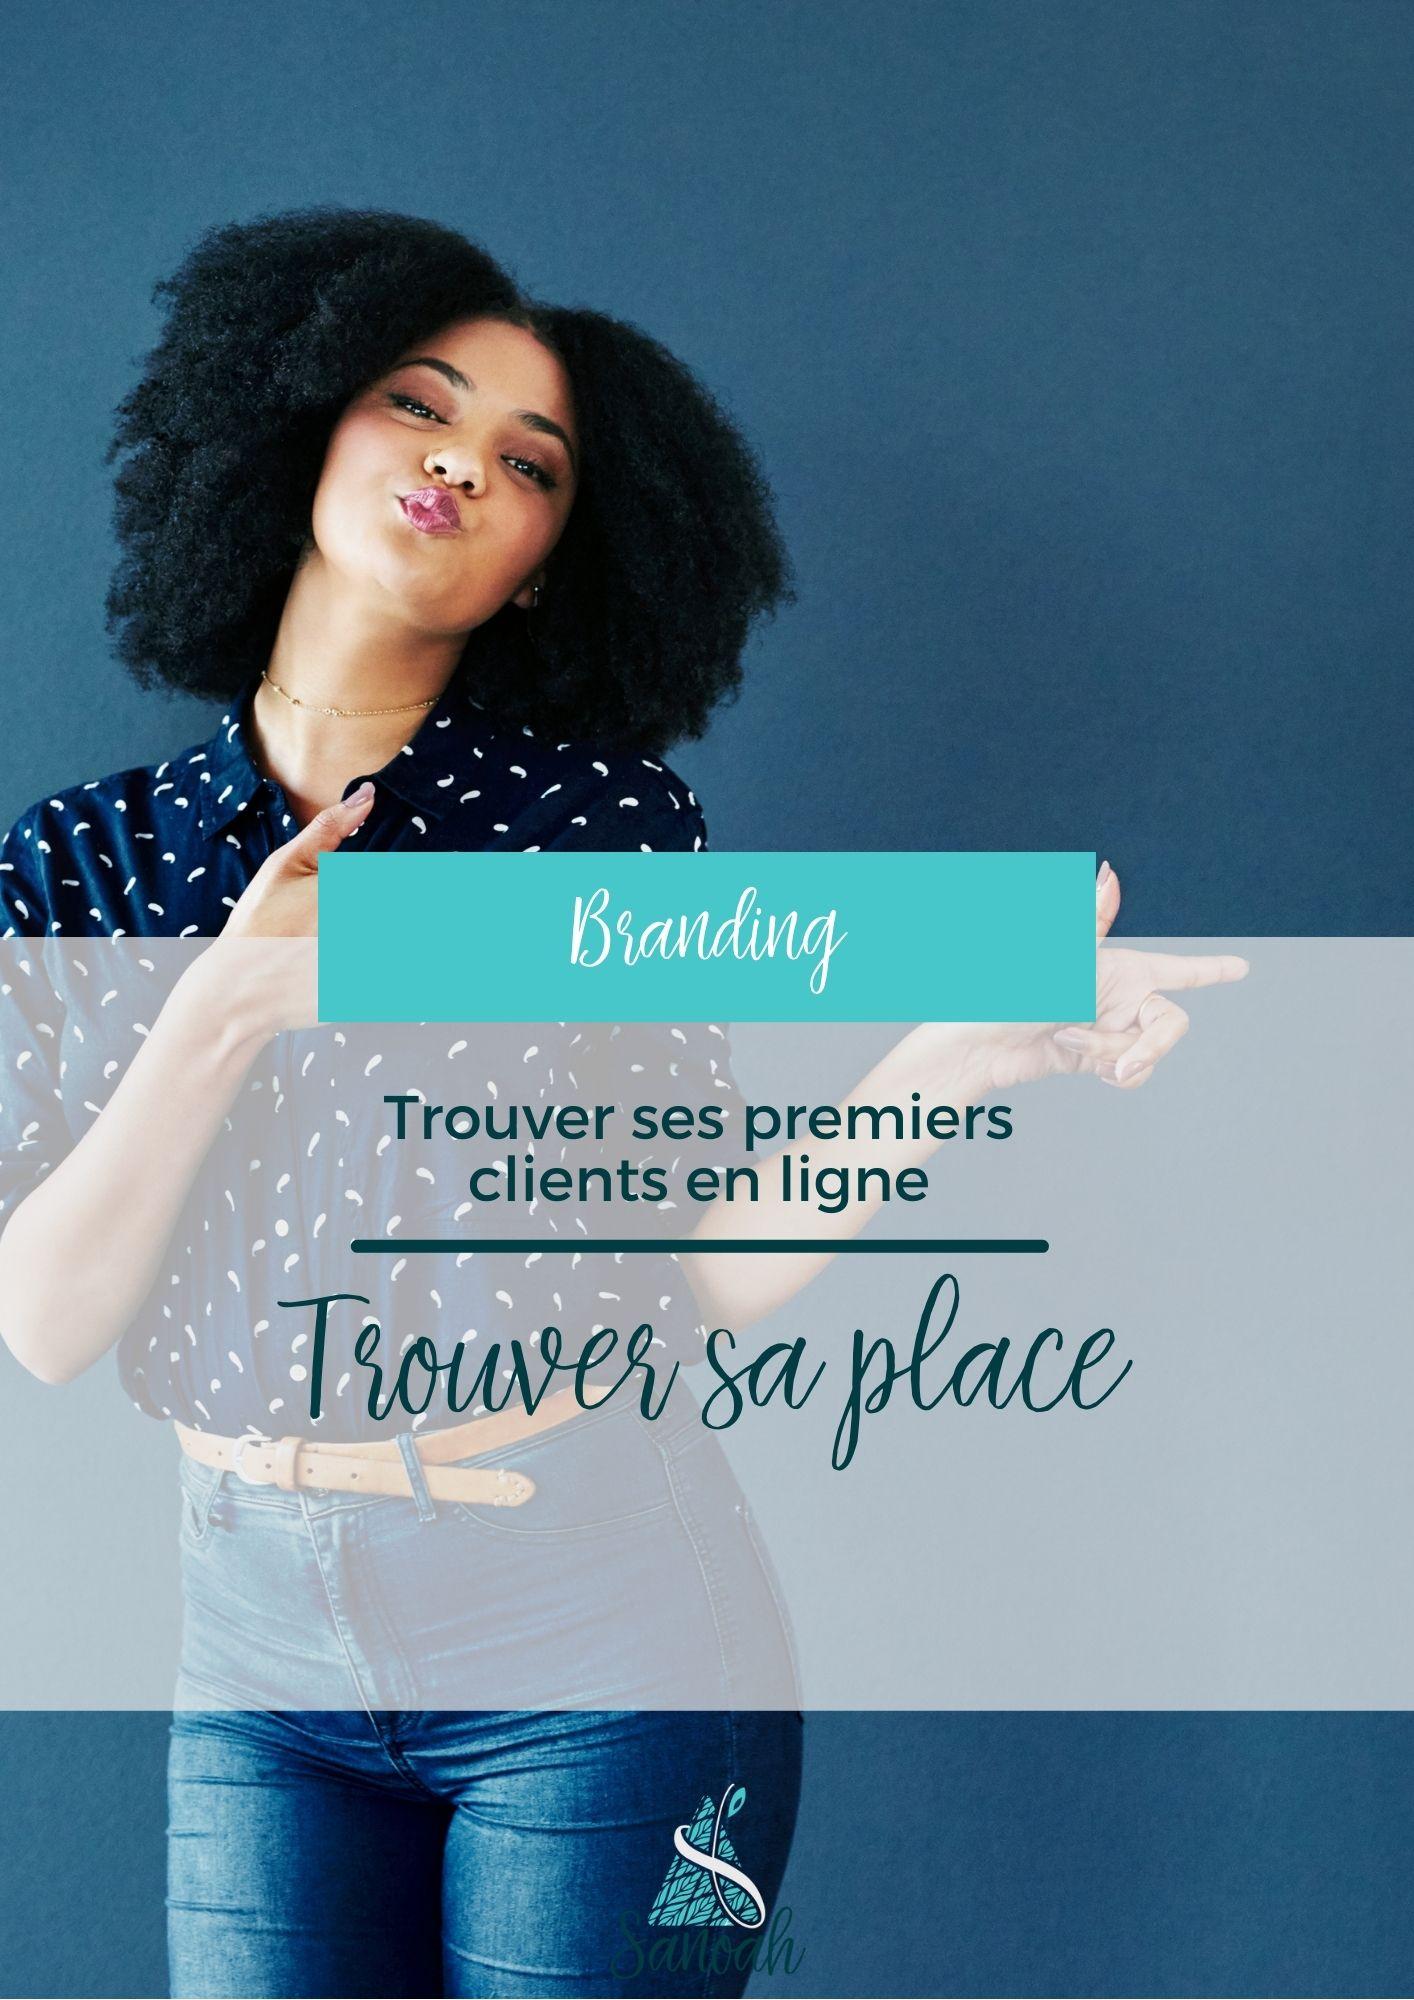 Trouver ses premiers clients en ligne _ Trouver sa place